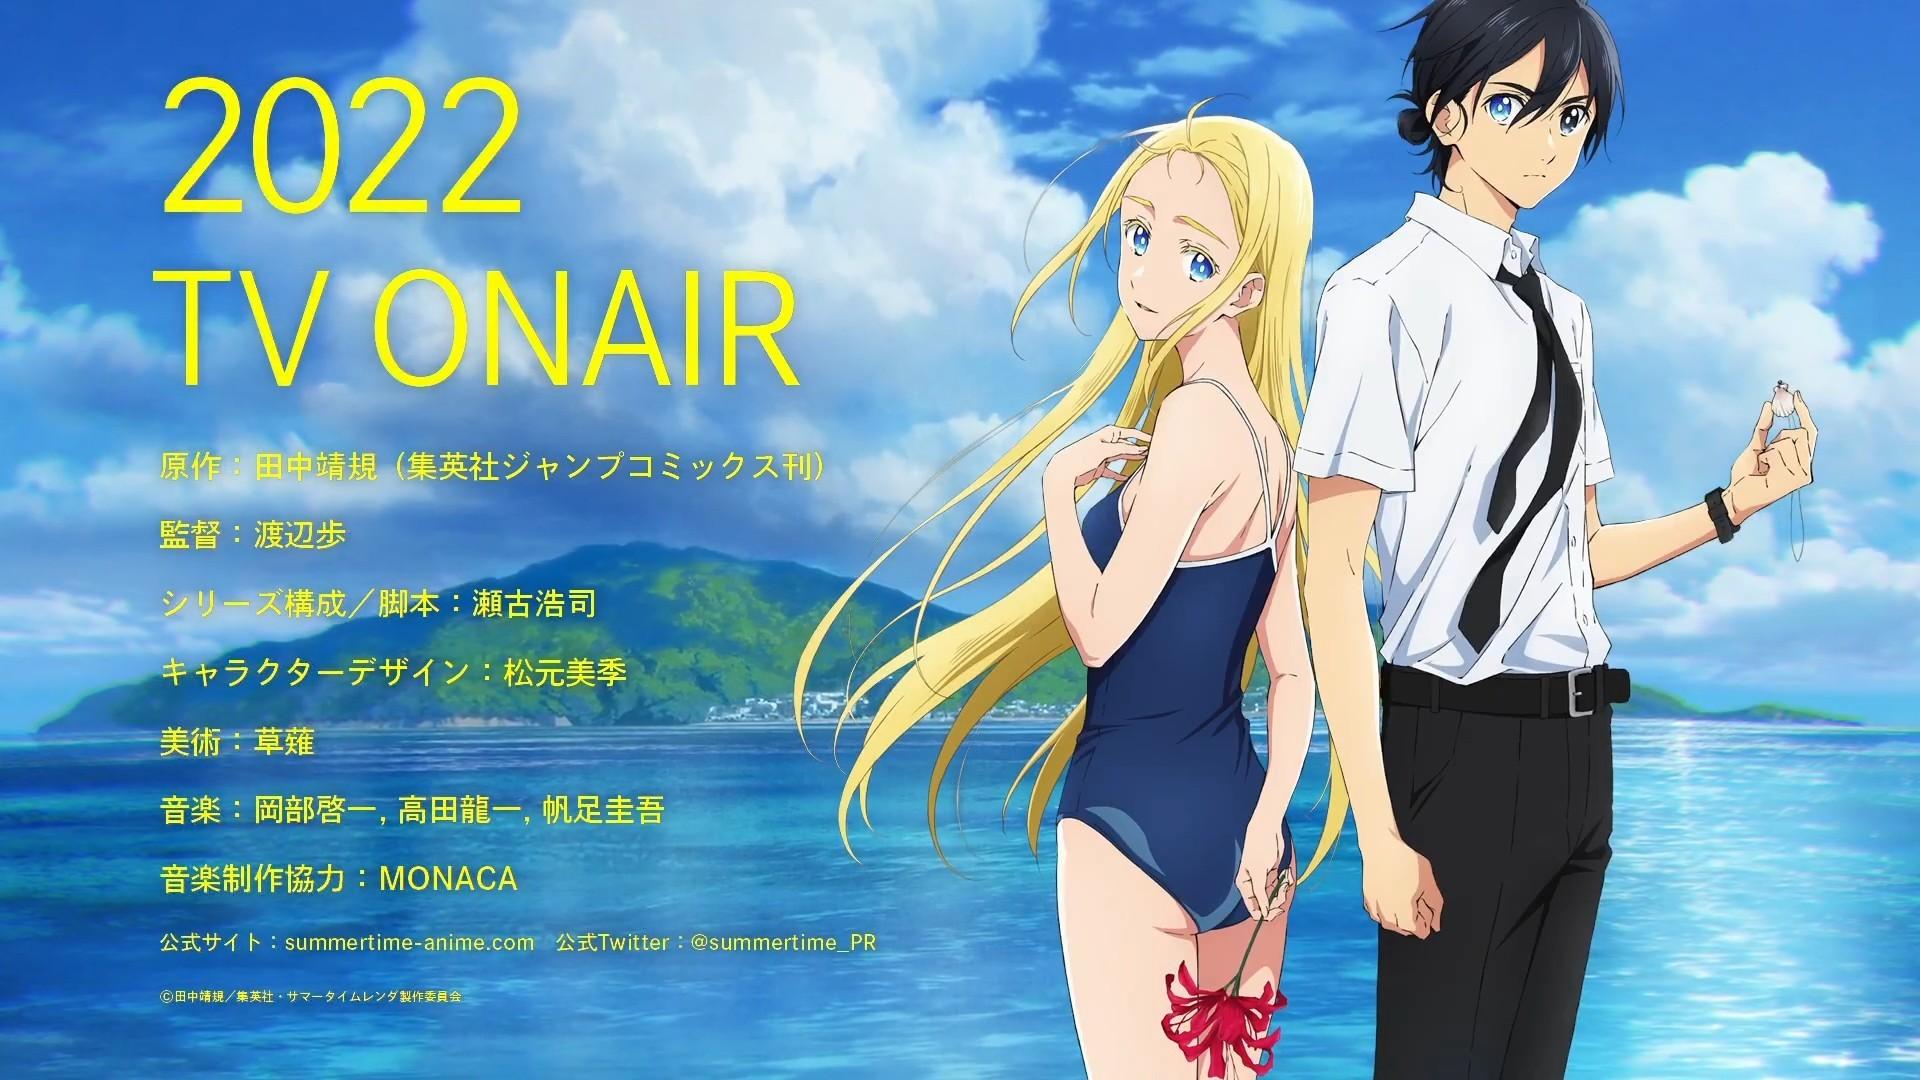 TV动画《夏日重现》公开特报PV,本作将于2022年播出。- ACG17.COM